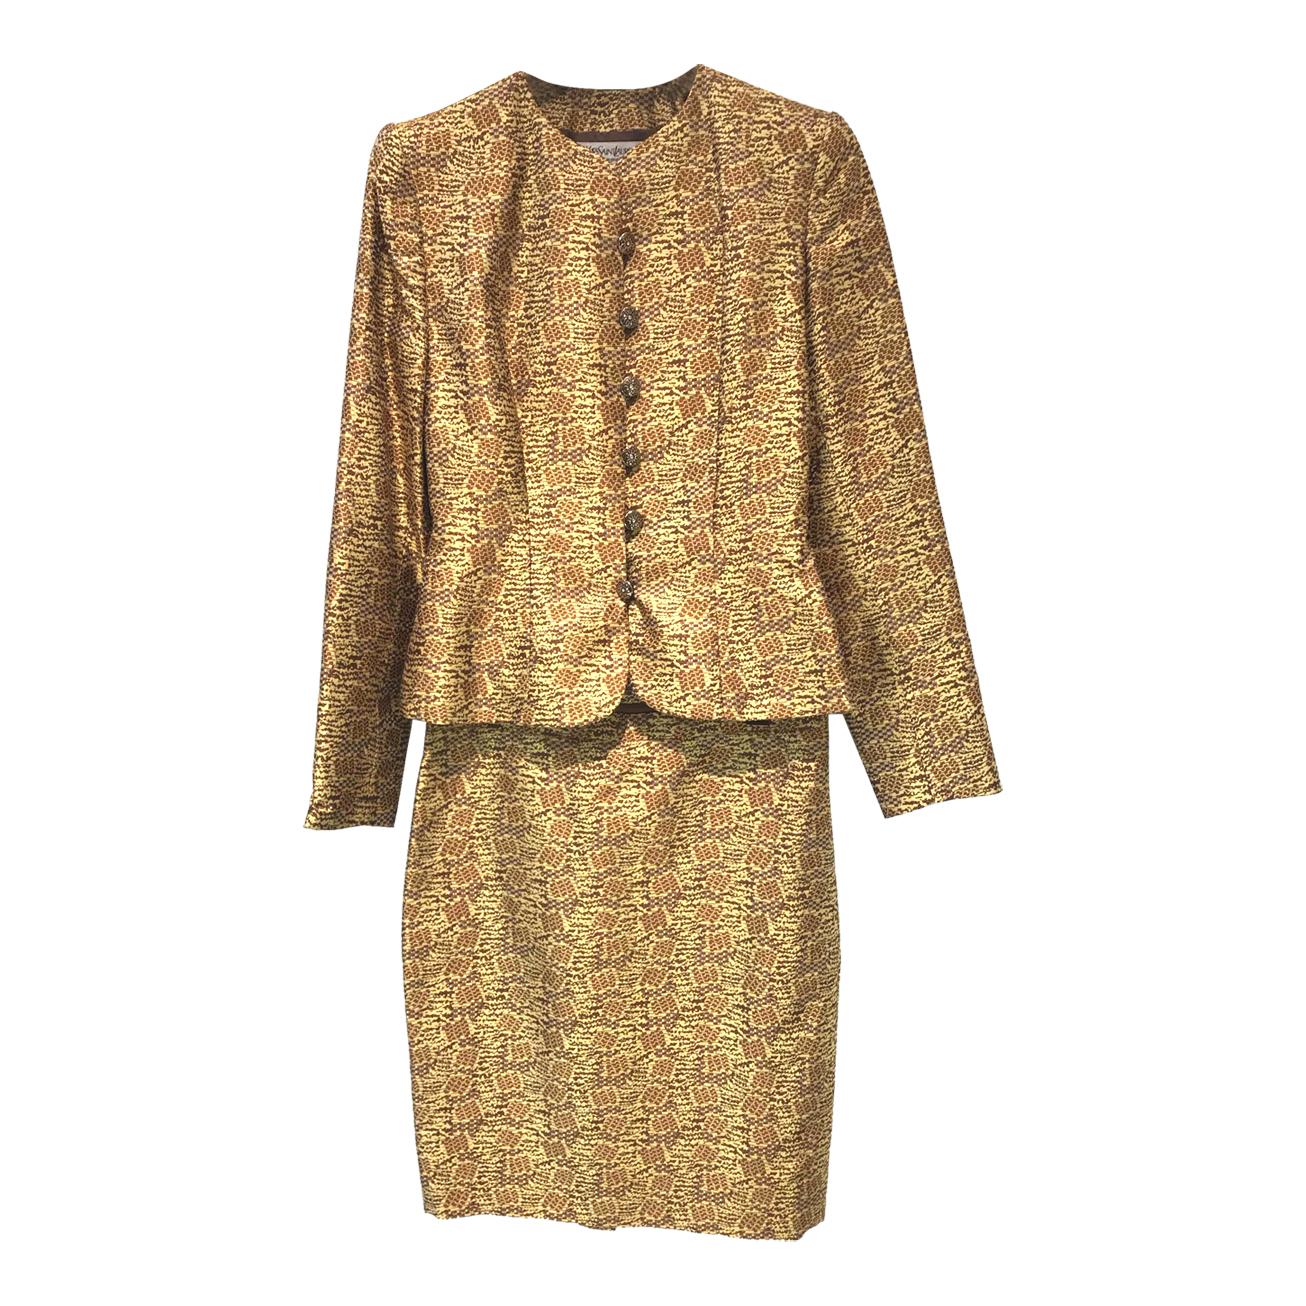 Tailleur jupe en soie Yves Saint Laurent